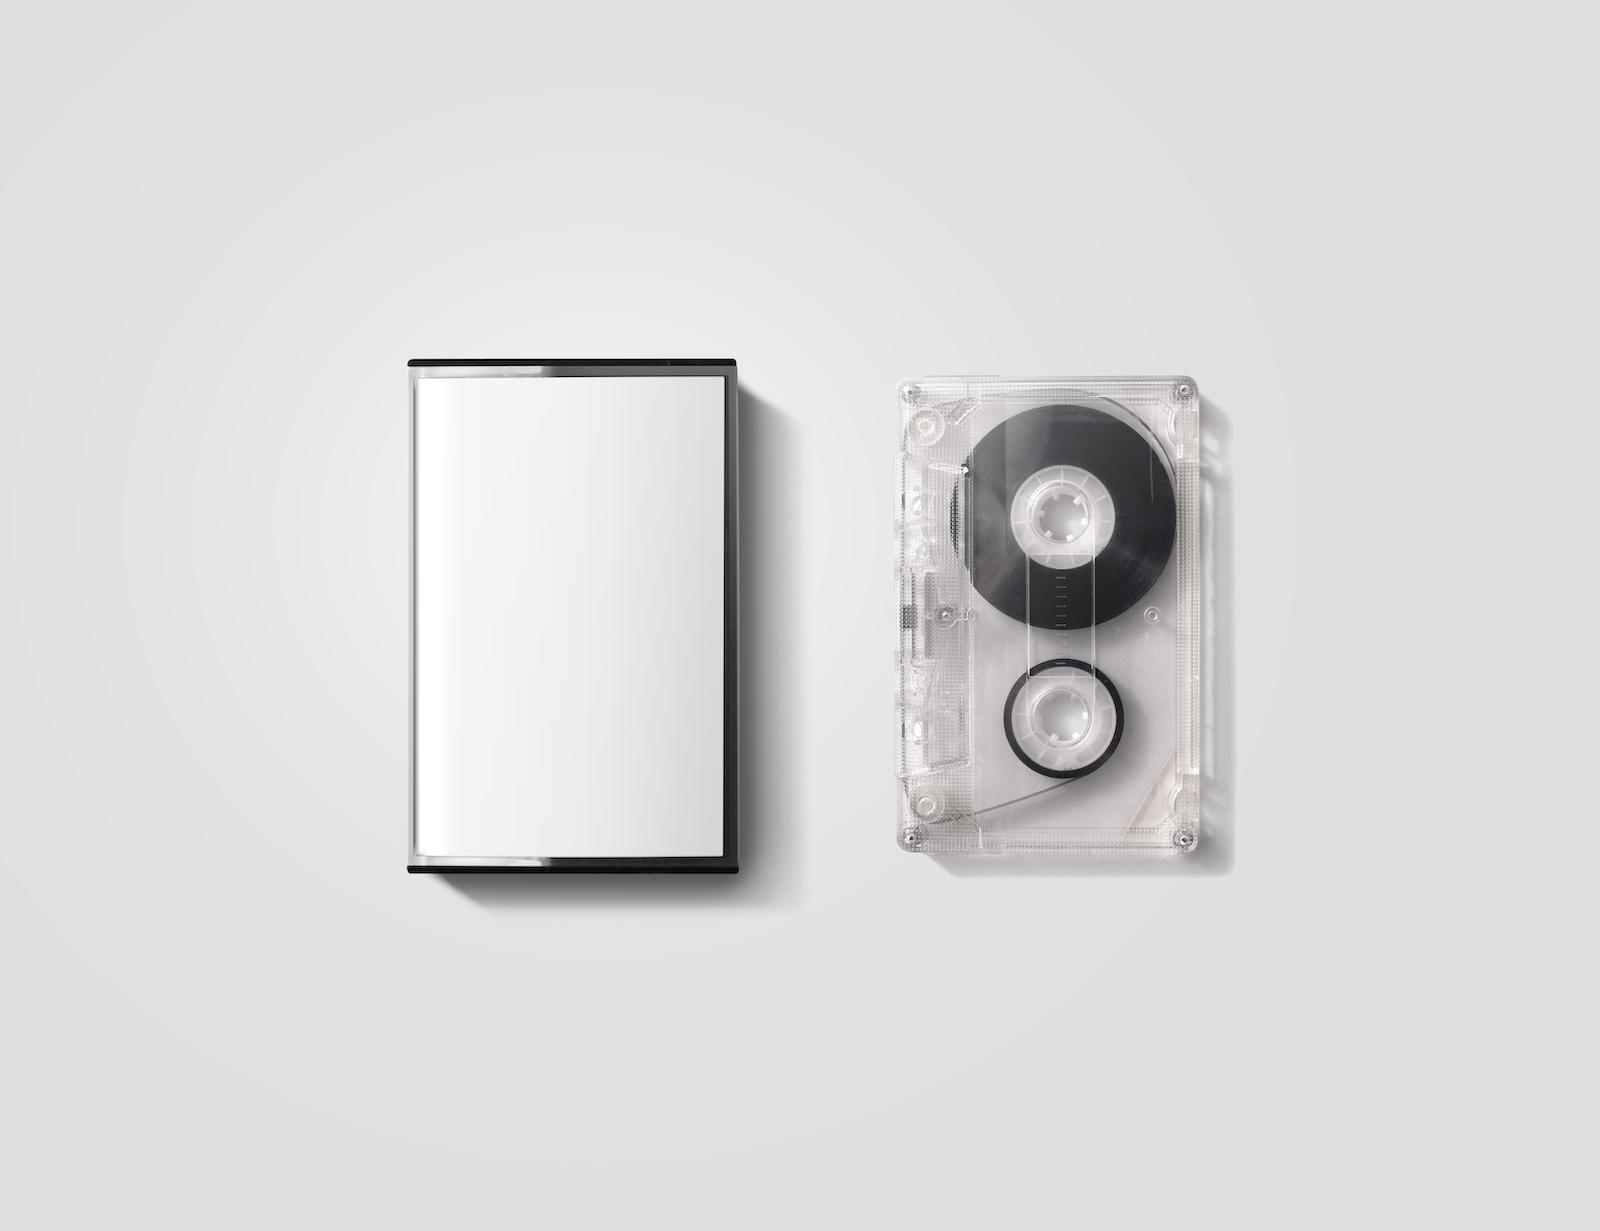 空白的盒式磁帶箱子設計大模型,被隔絕,裁減路線。 復古cassete磁帶盒與復古的casset模擬。 塑料模擬磁帶盒透明包裝模板。  Mixtape盒蓋。